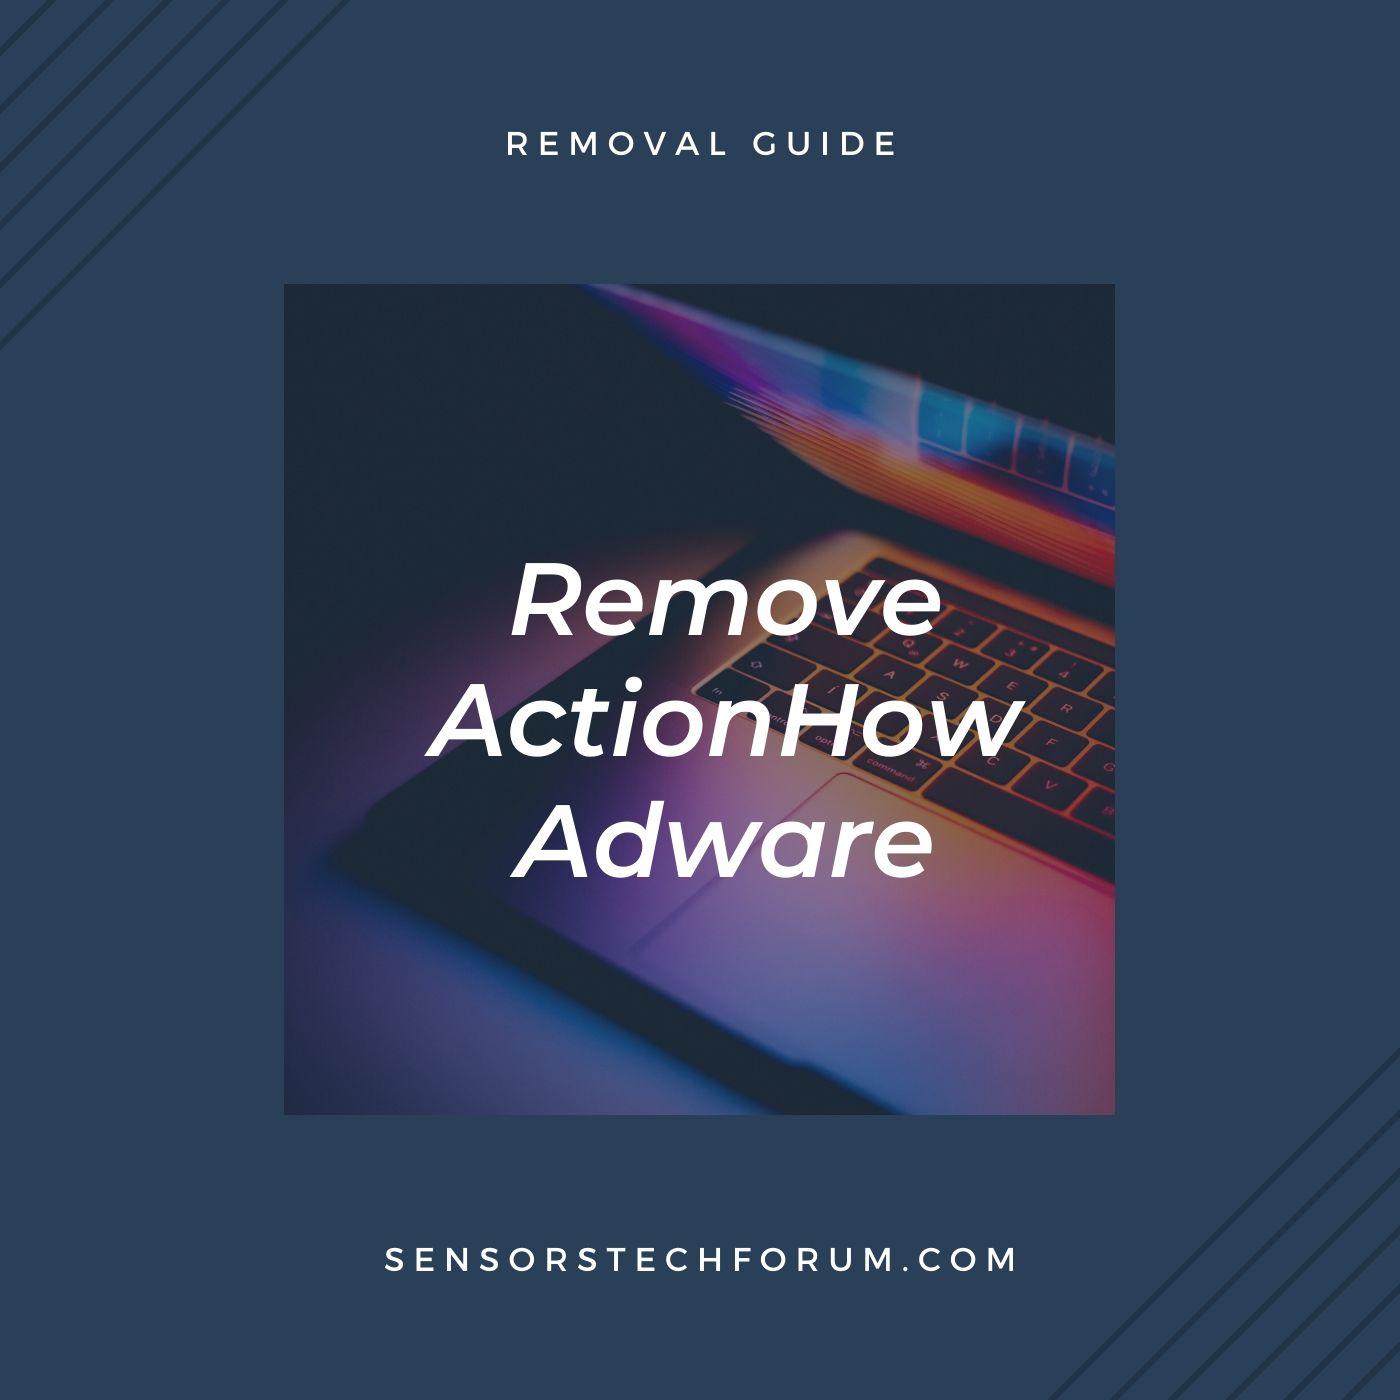 ActionHow mac guida la rimozione dei virus